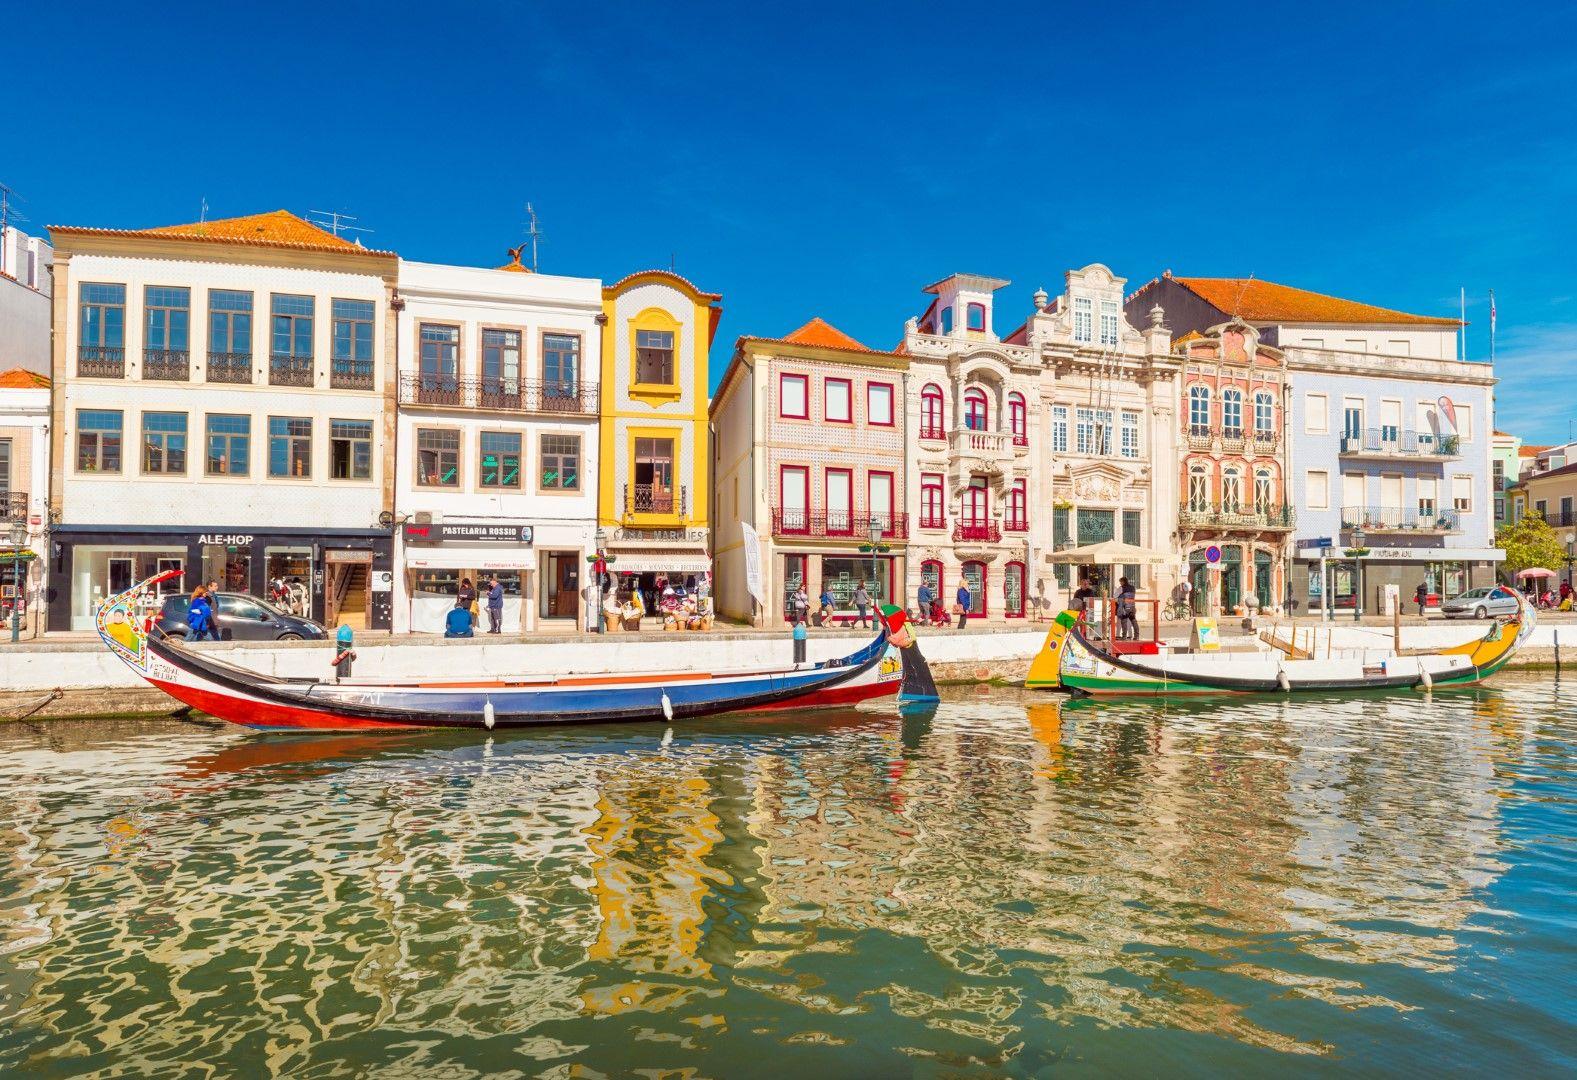 Град Авейро често е сравняван с Венеция